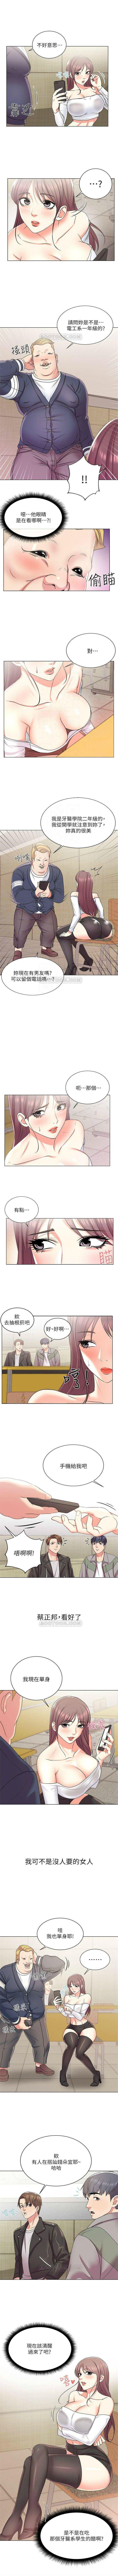 (週3)超市的漂亮姐姐 1-18 中文翻譯(更新中) 80